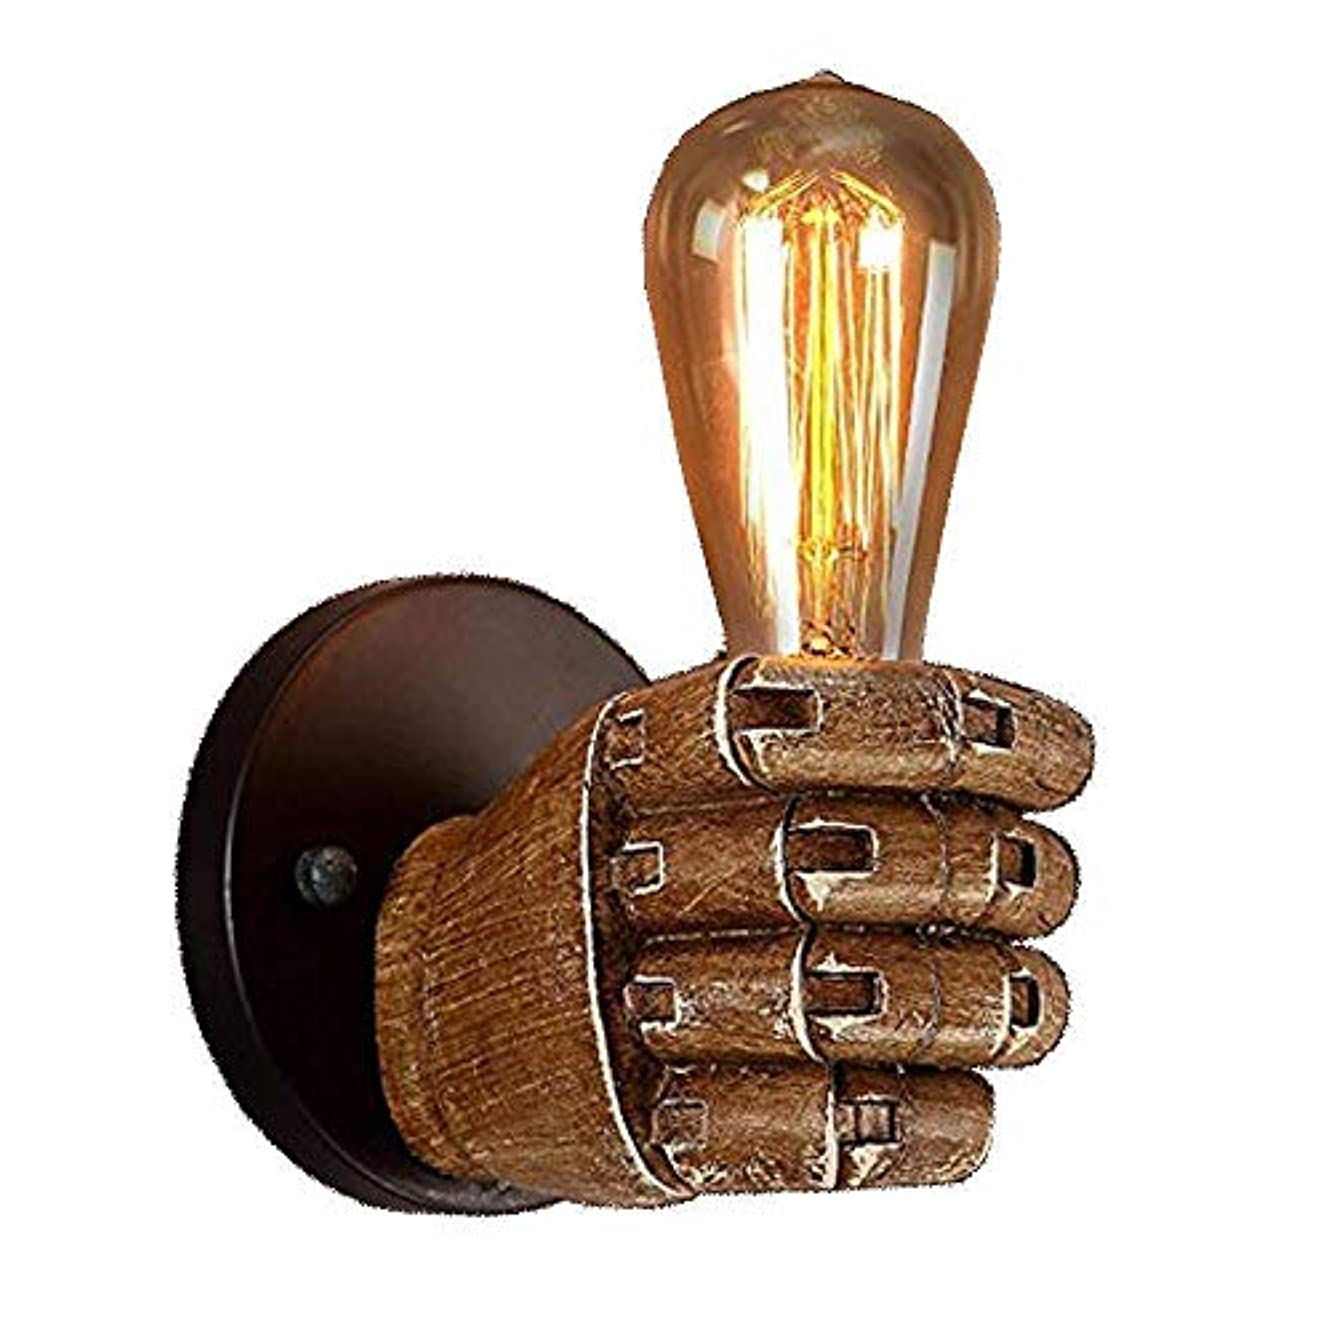 ガラガラ同意するレポートを書くJJSFJH ヴィンテージ拳樹脂壁ランプ、バー?クラブレストラン?カフェ装飾のためのロフトアンティークインダストリアルスタイルウォールライトE27電球ライト、ヴィンテージ工業用壁取り付け用燭台照明器具